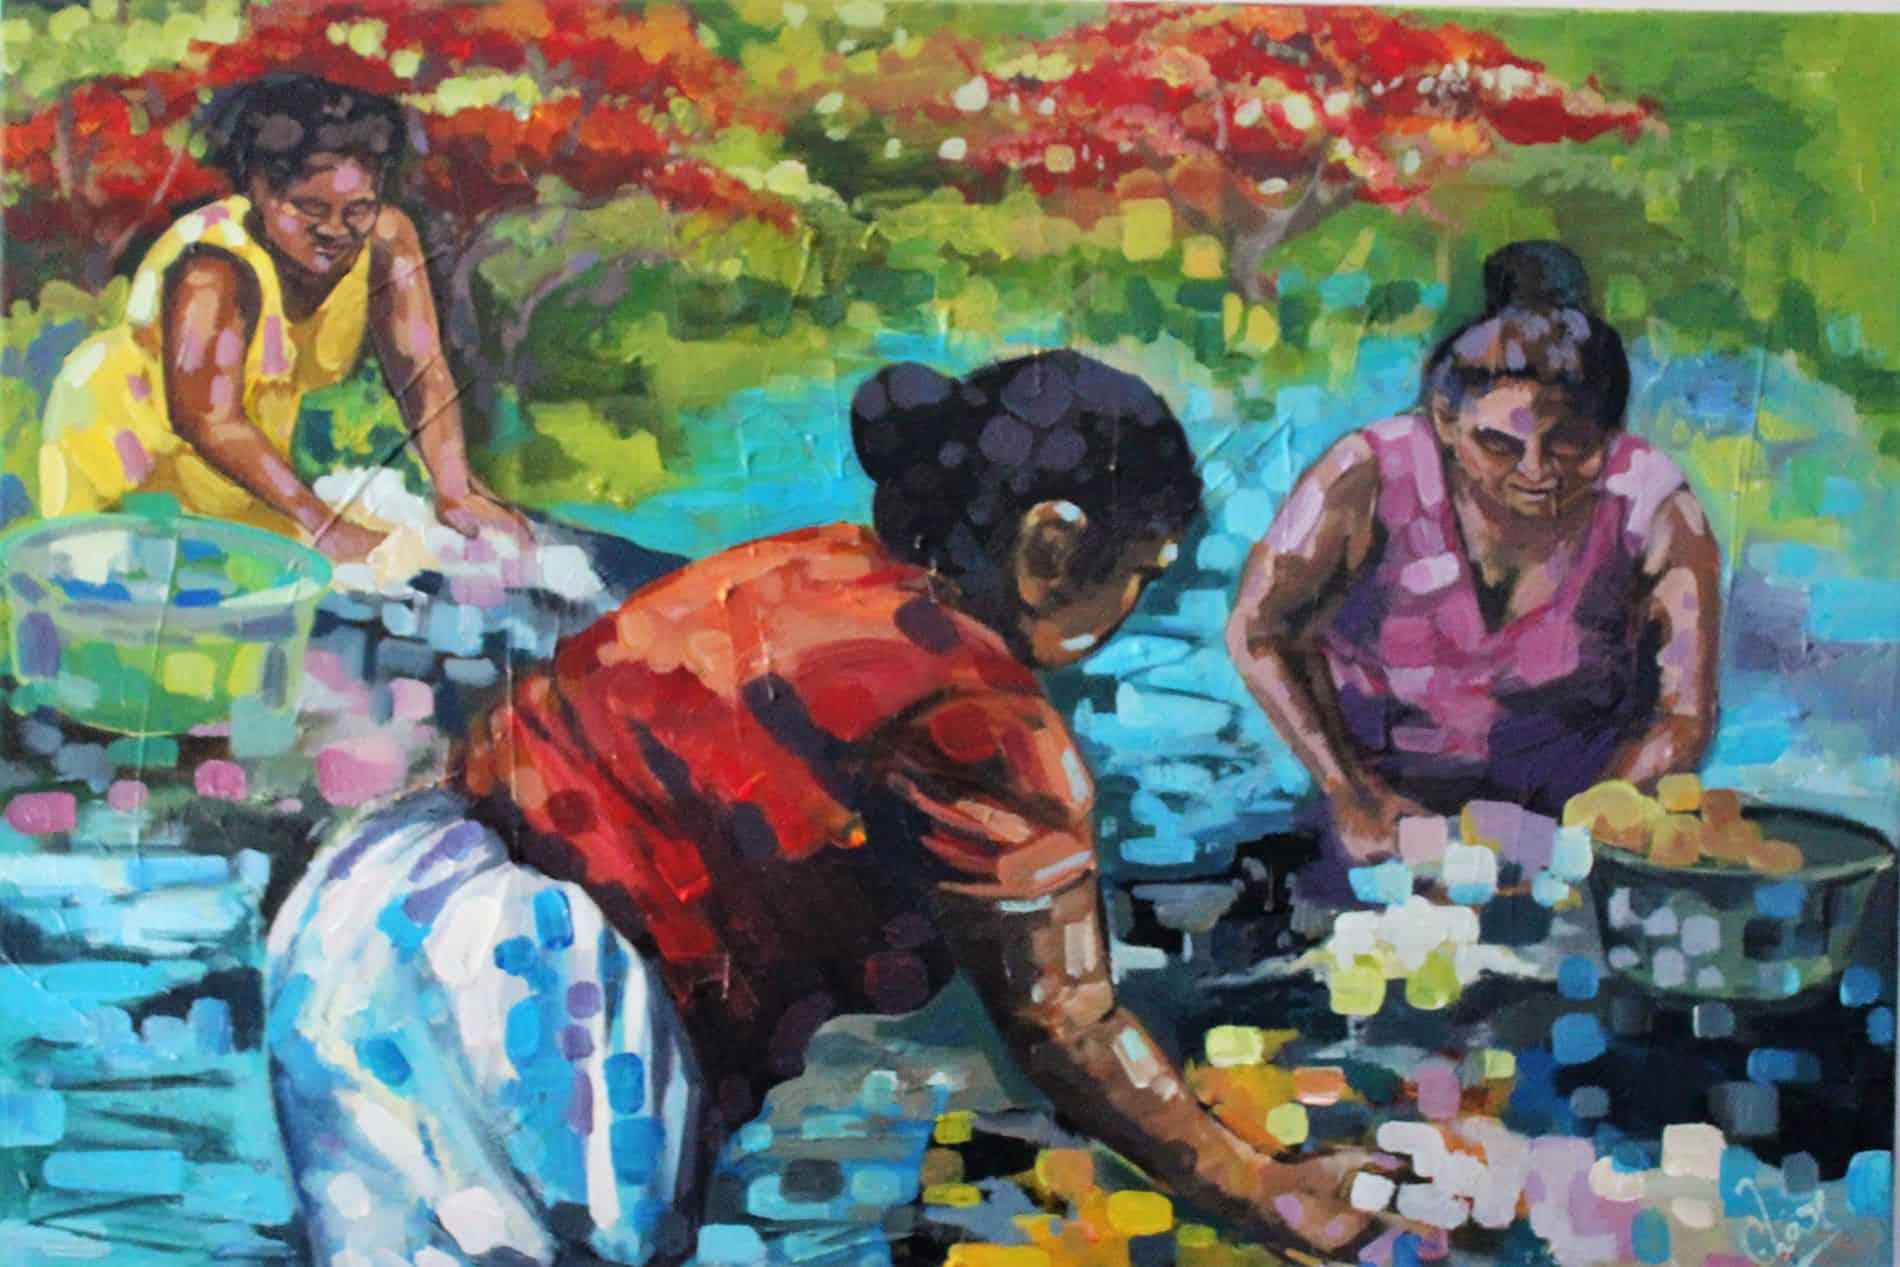 mauritius_arts_veronique_christine_laurent-les-lavandières